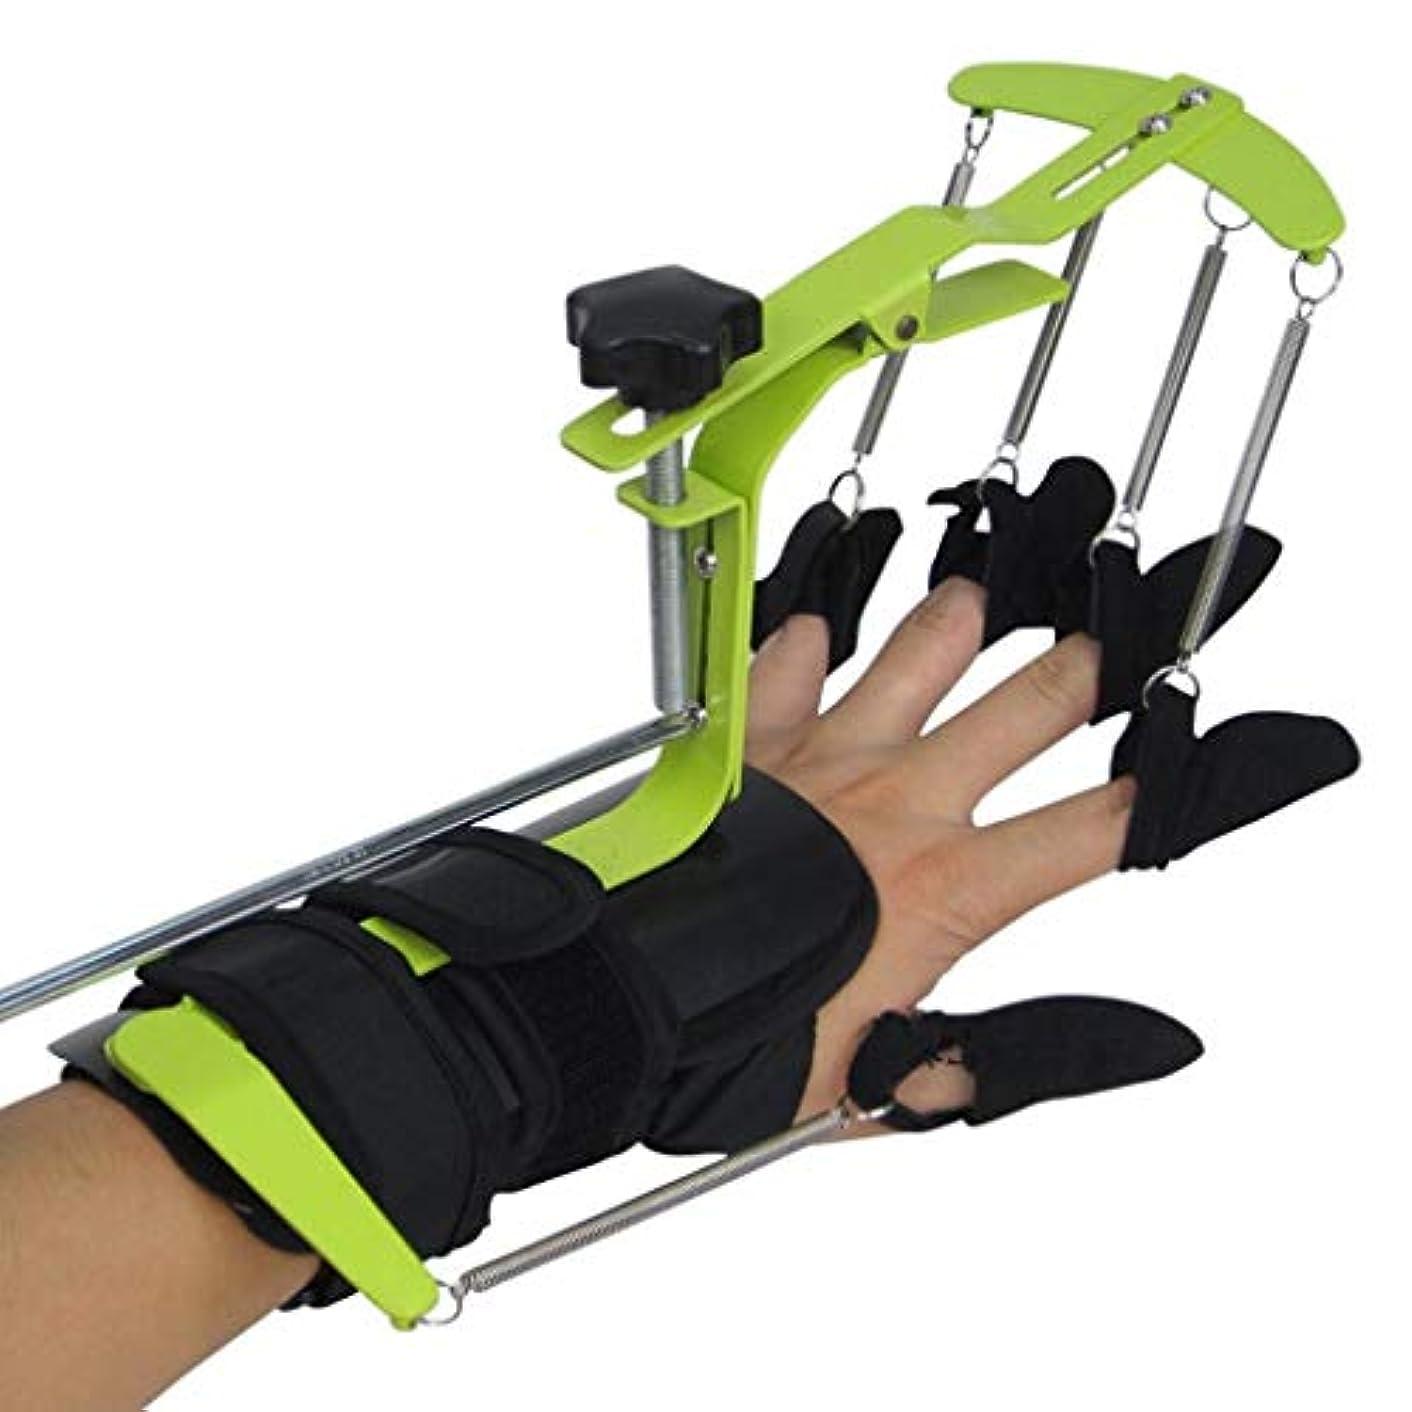 松の木毒置換調整可能 フィンガー装具 フィンガートレーニング機器 エクサ?クリップ?ボード 片麻痺の脳性麻痺リハビリテーション